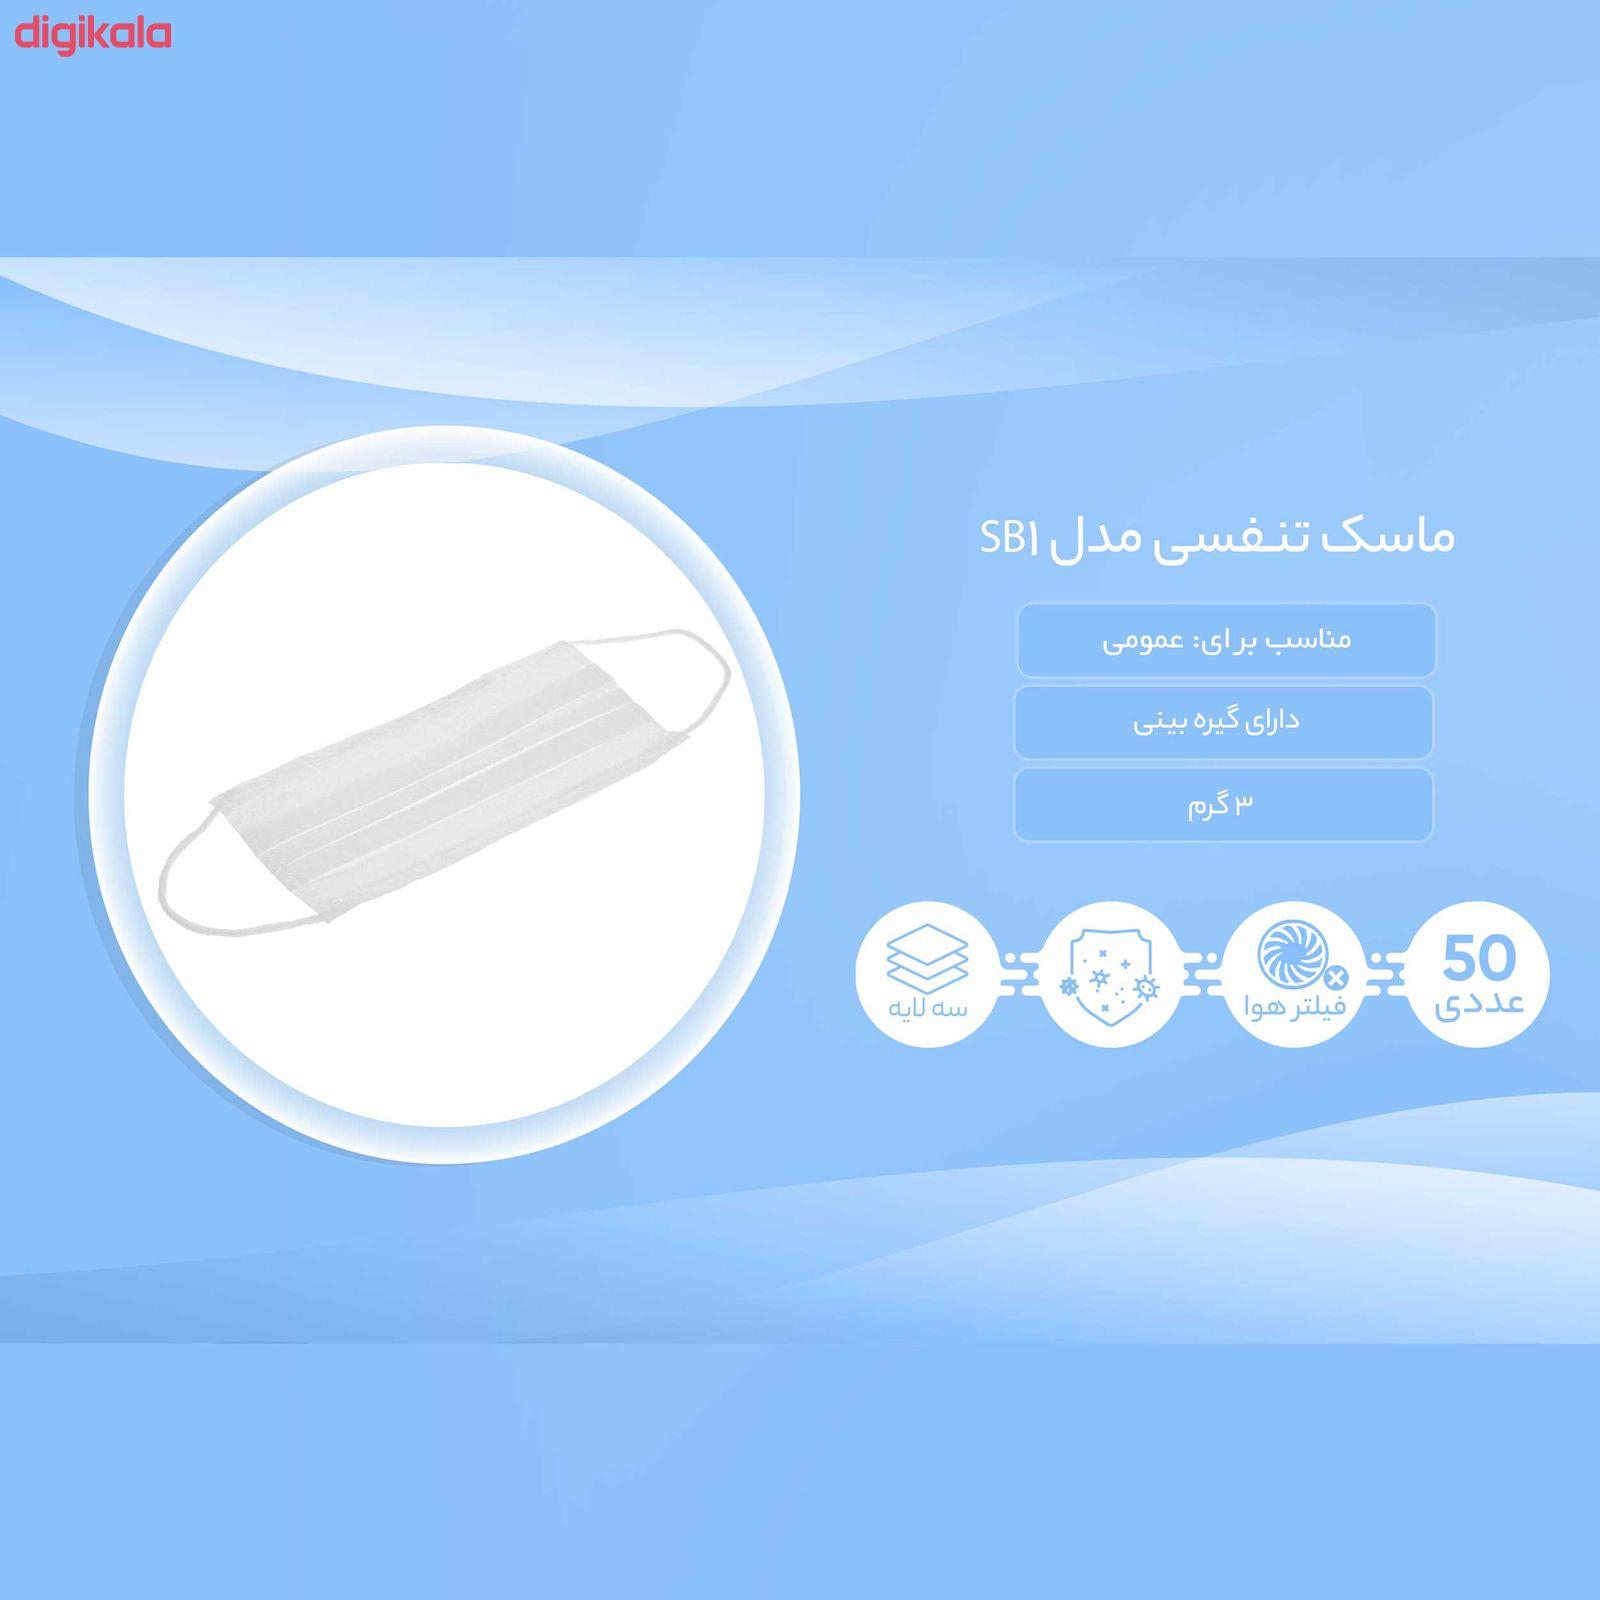 ماسک تنفسی مدل SB1 بسته 50 عددی main 1 4